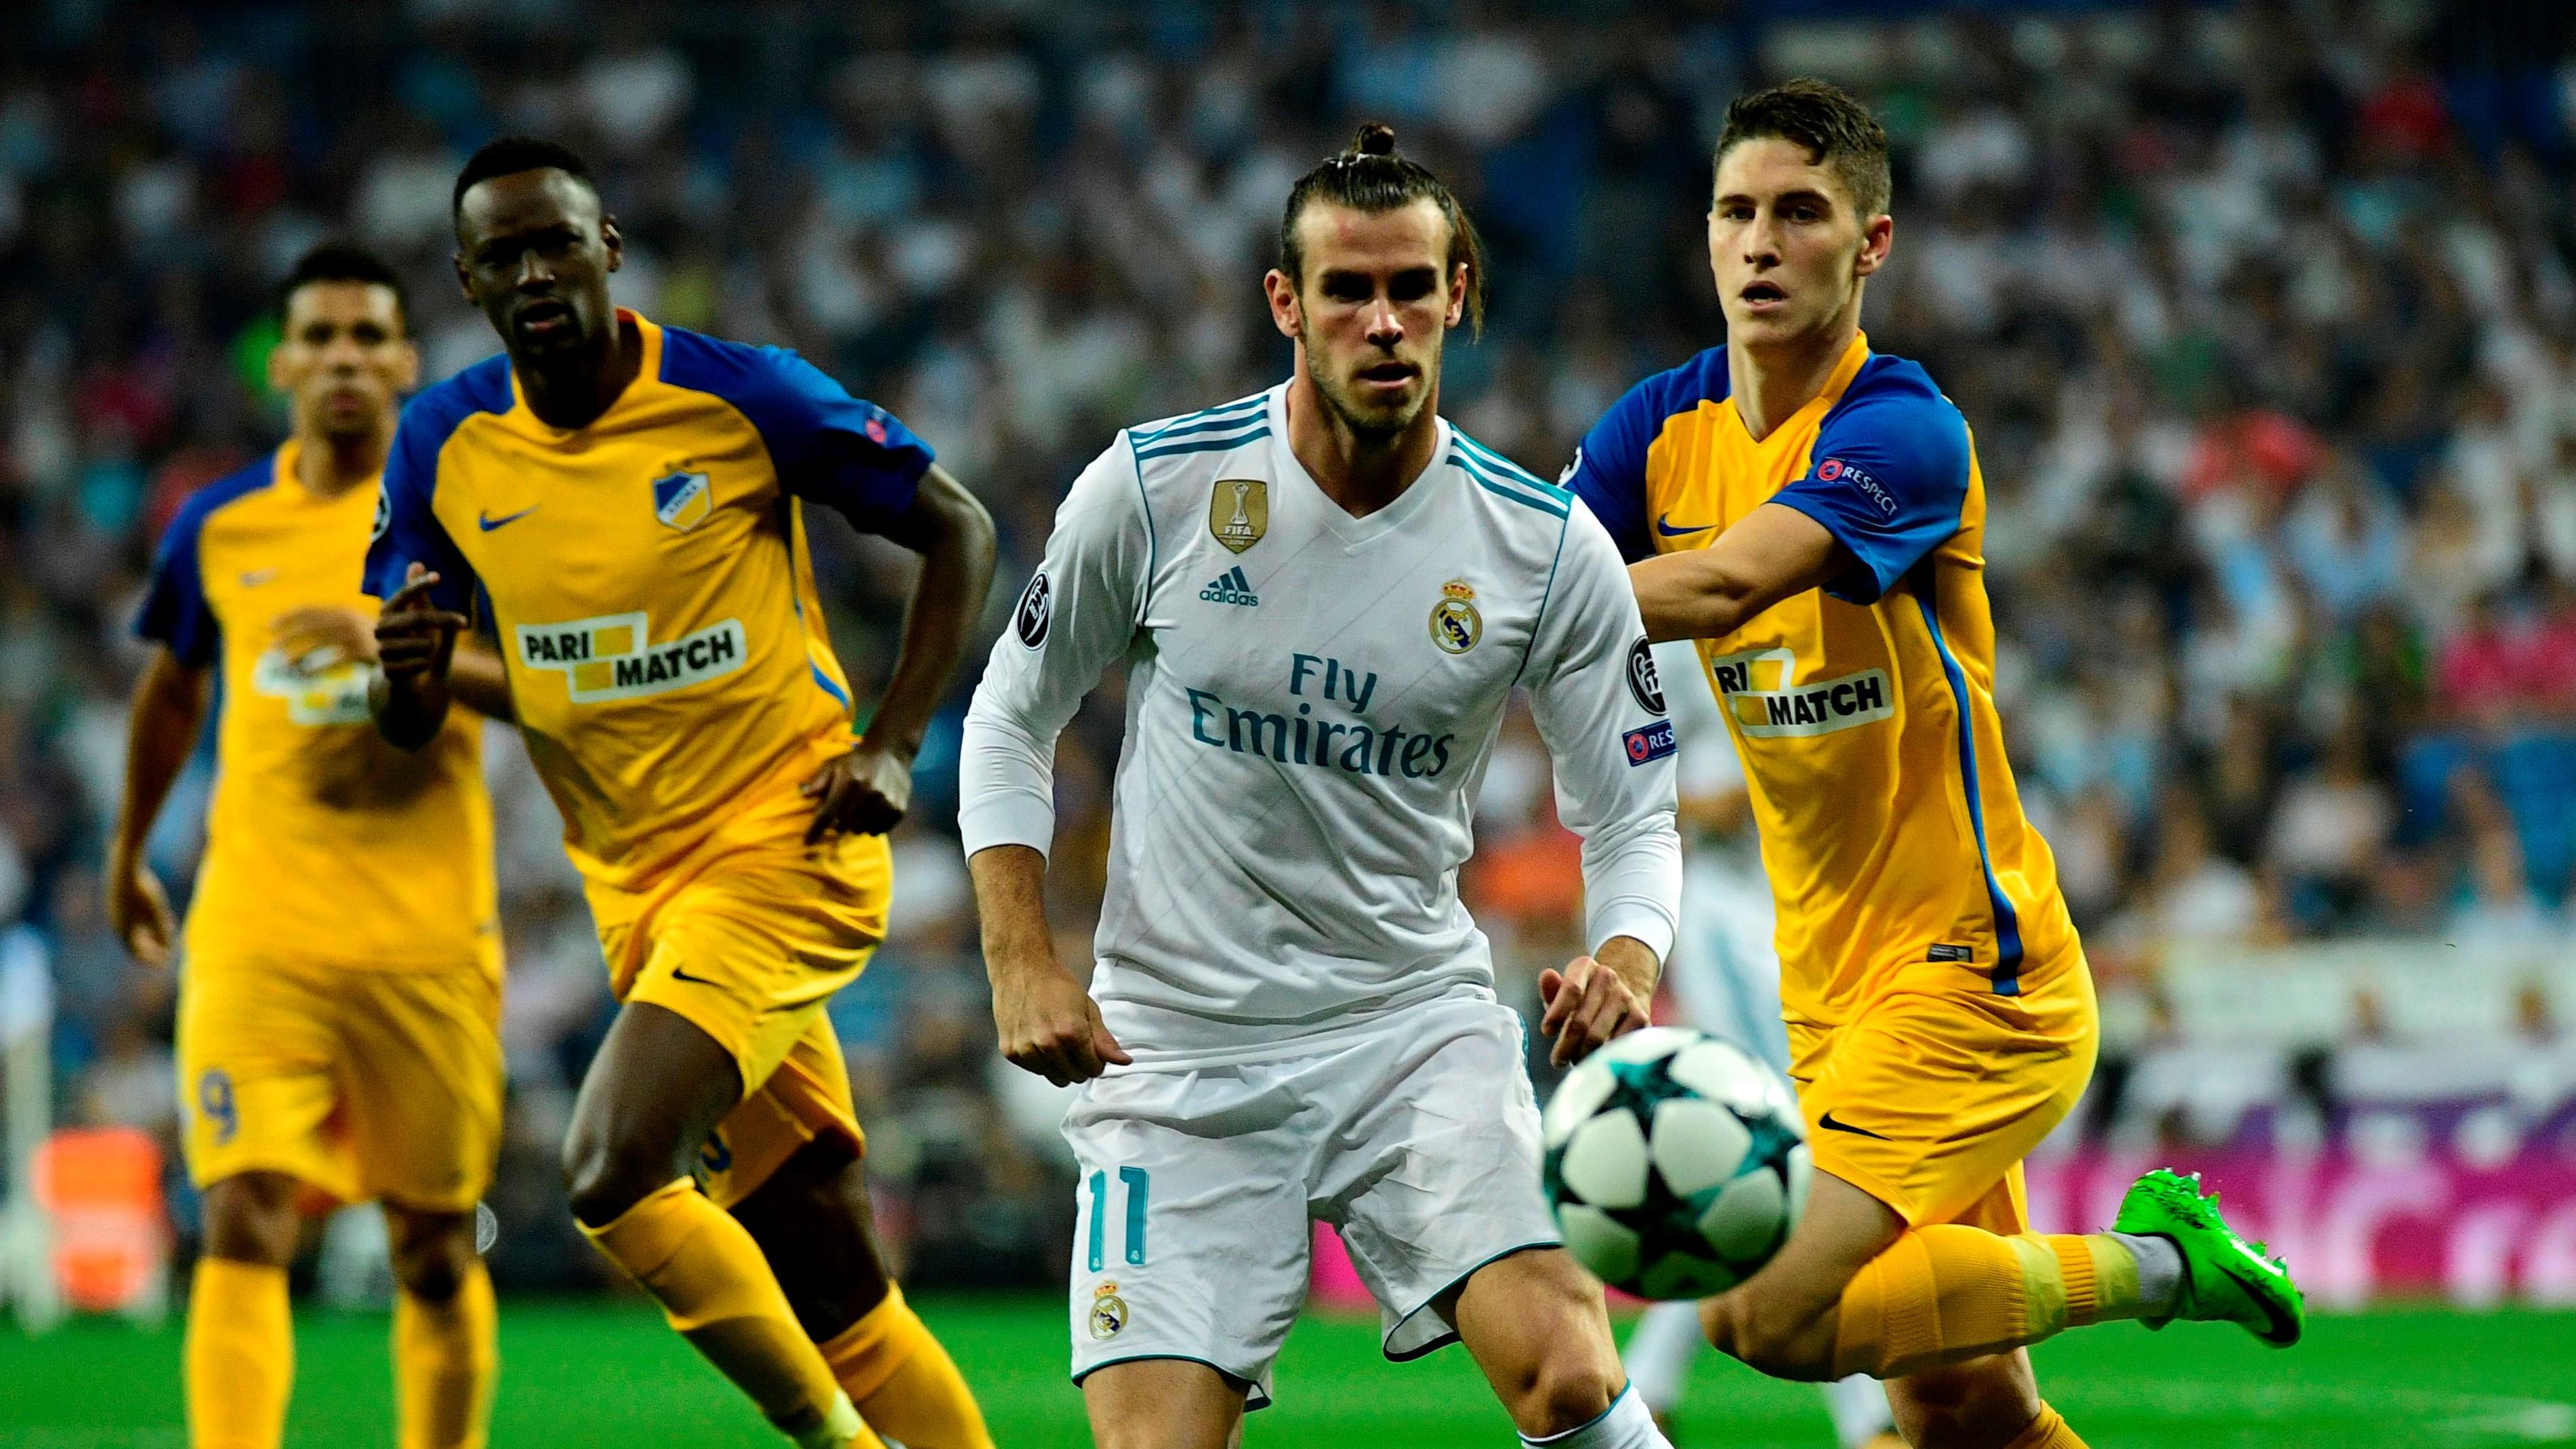 شاهد بالفيديو: ريال مدريد يكتسح ابويل القبرصي بالستة في دوري الأبطال